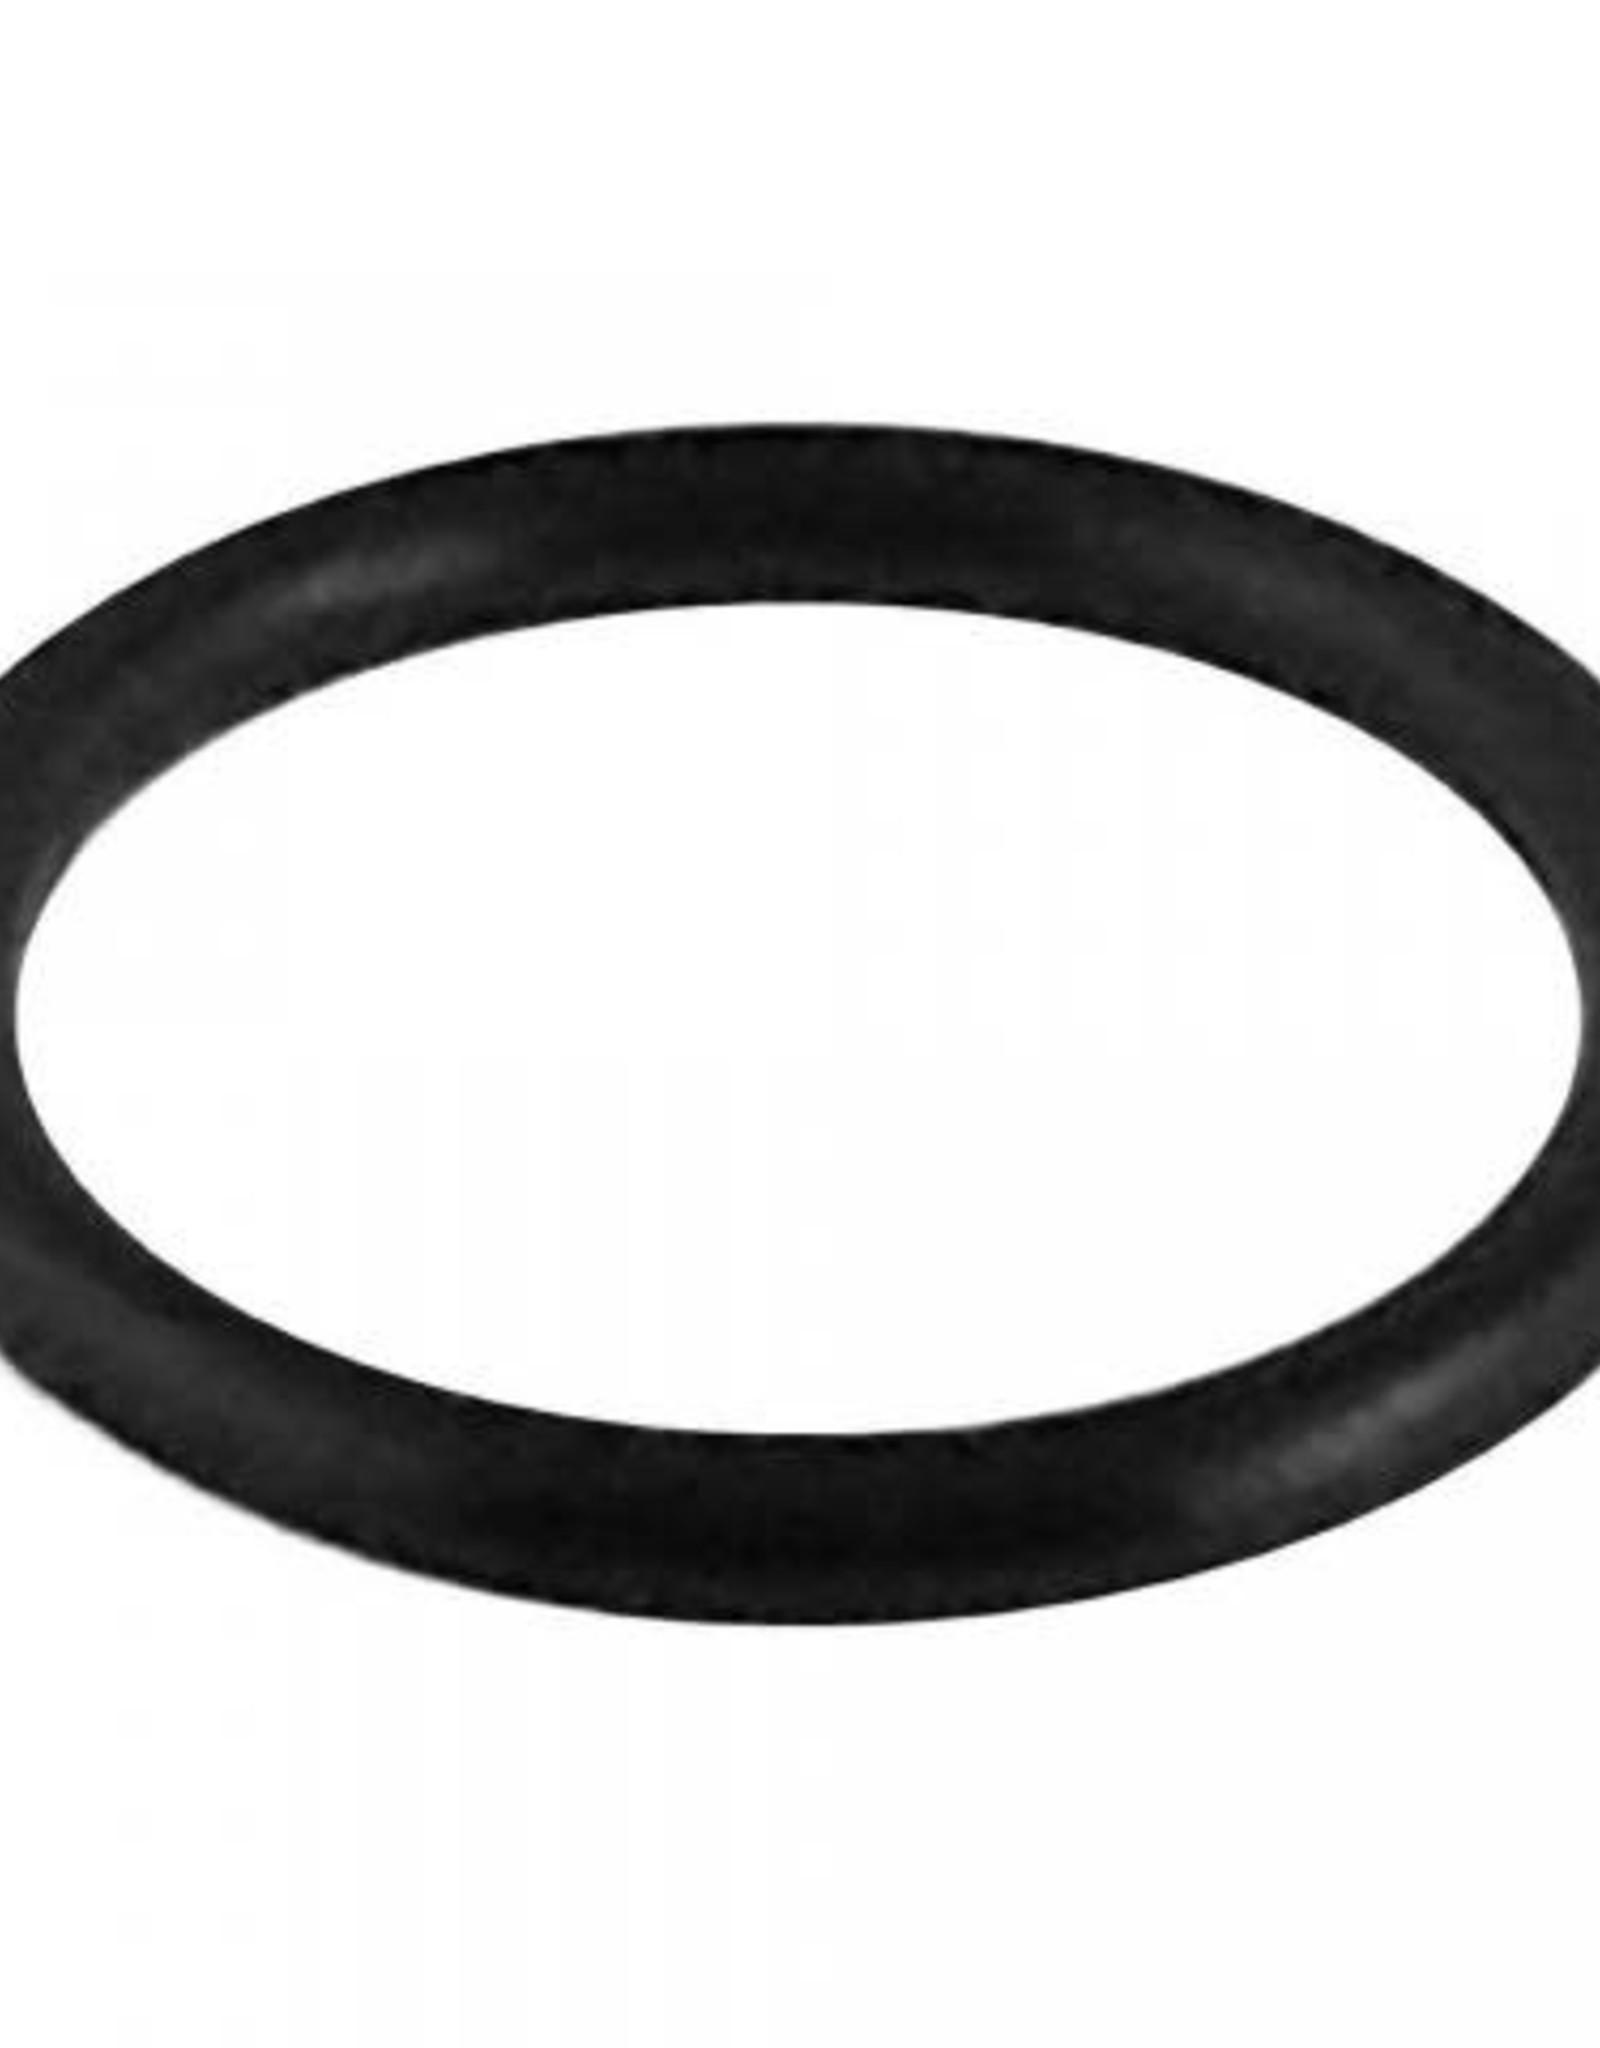 O-Ring For CO2 & N2 Valves